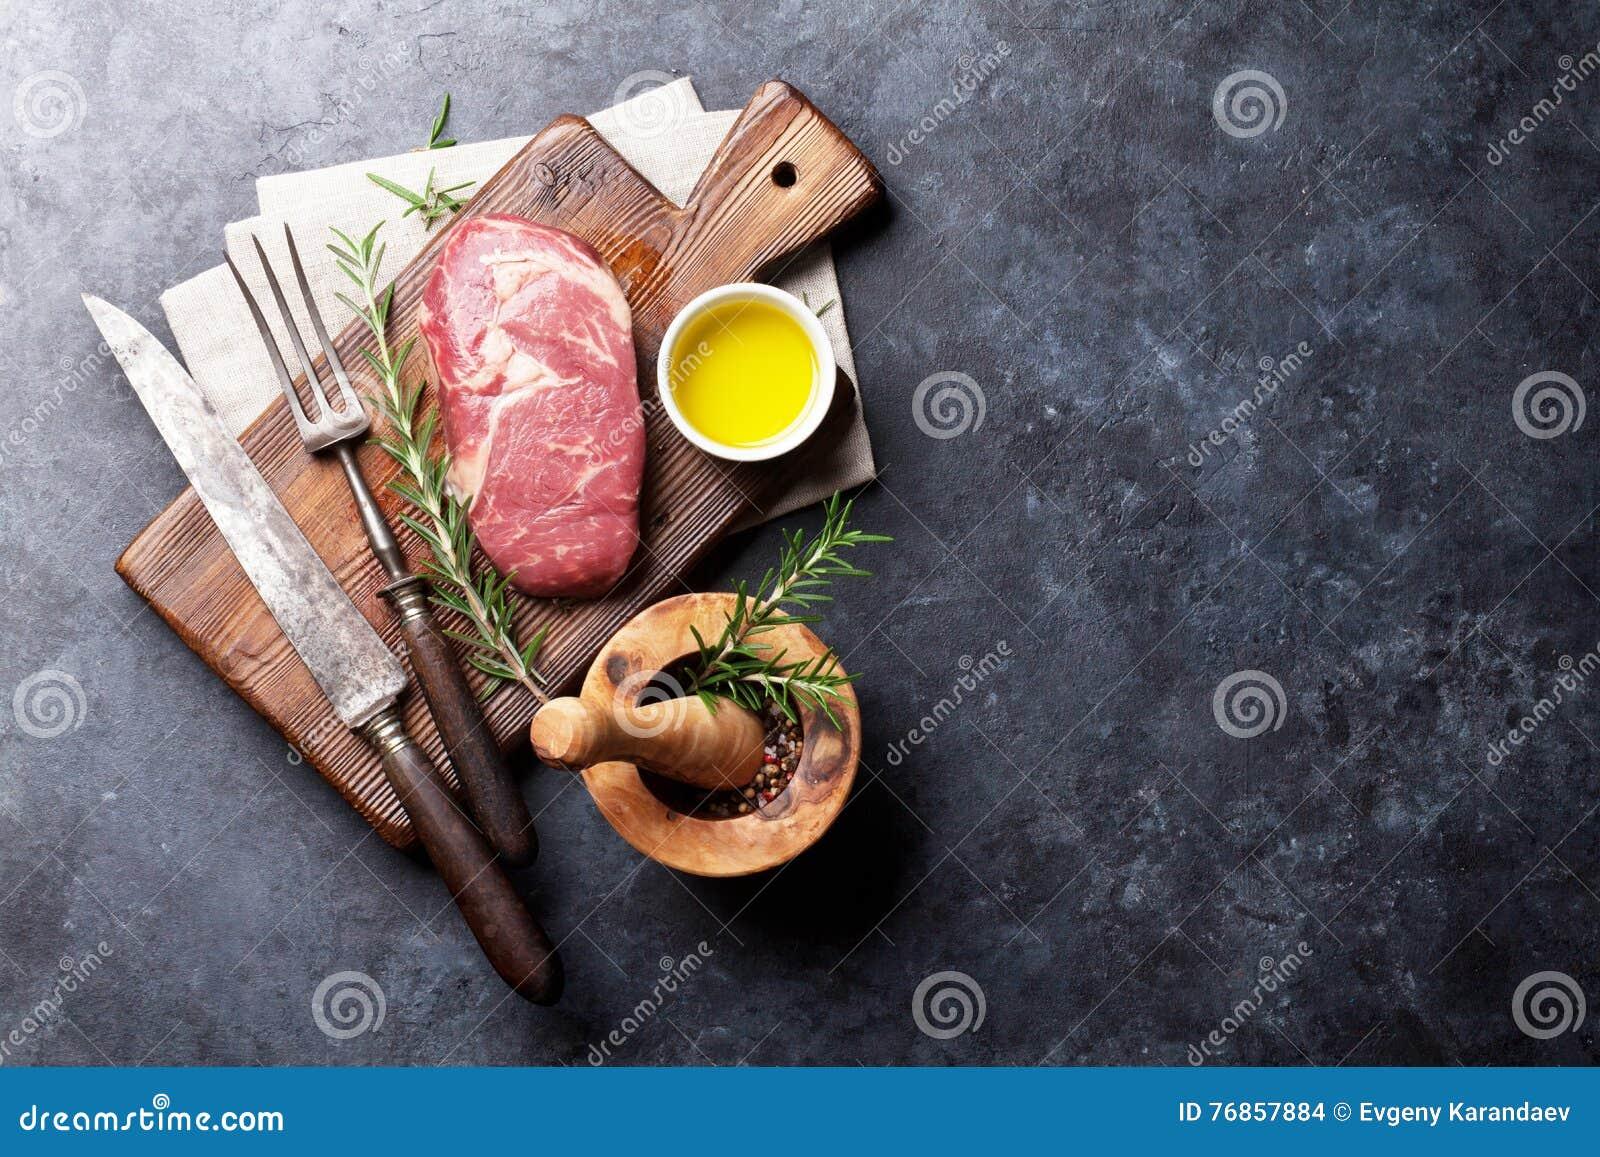 Ακατέργαστο μαγείρεμα μπριζόλας βόειου κρέατος